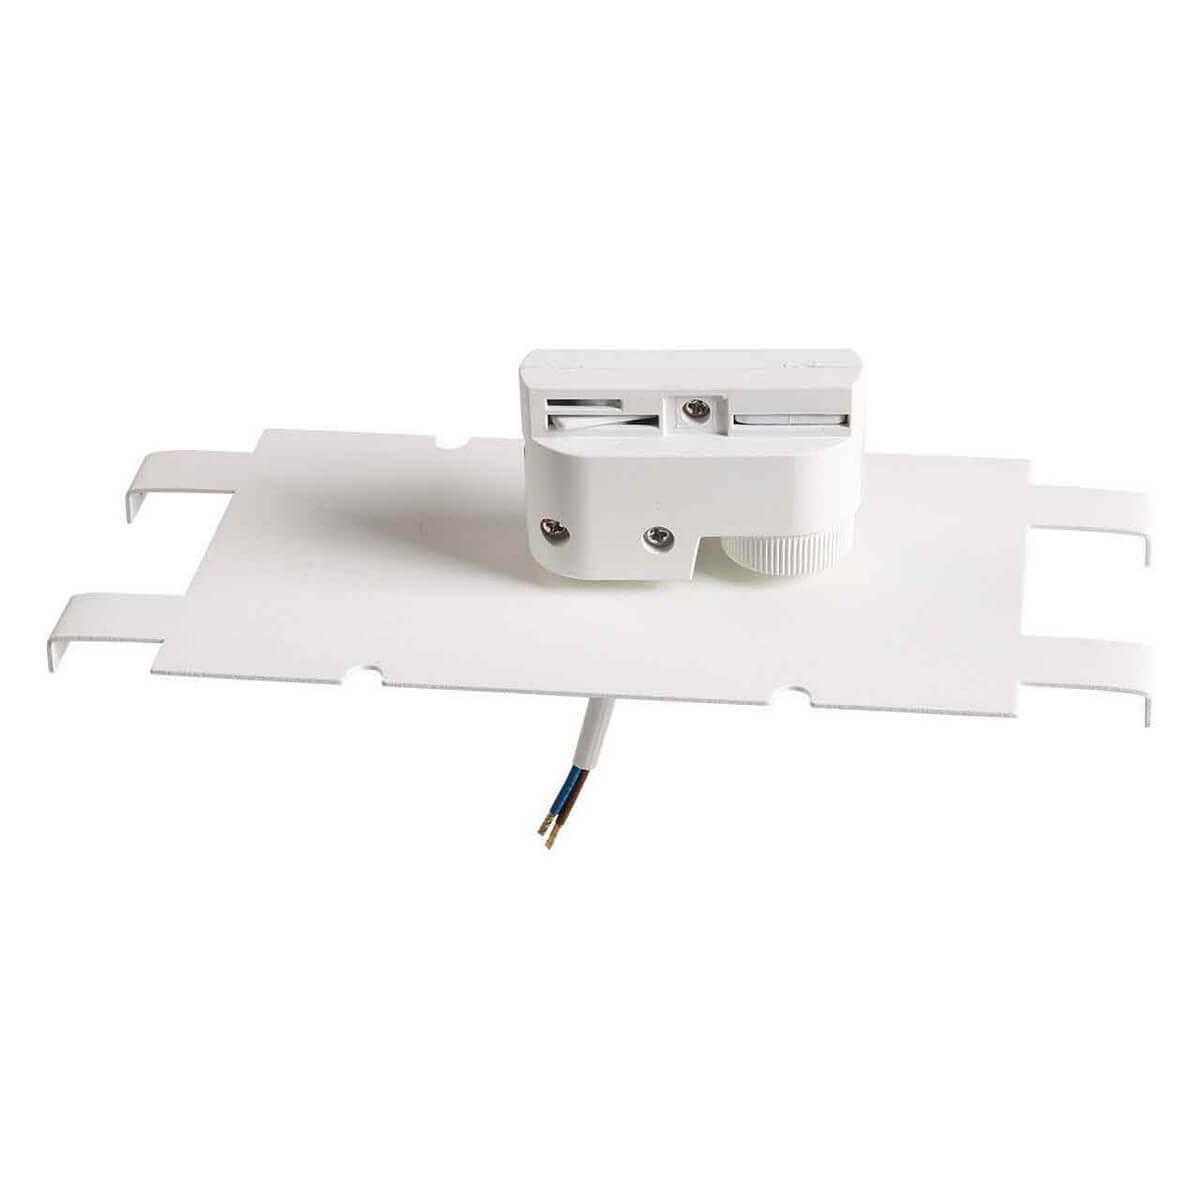 Адаптер для шинопровода Lightstar 592046 Asta White (для однофазного шинопровода)